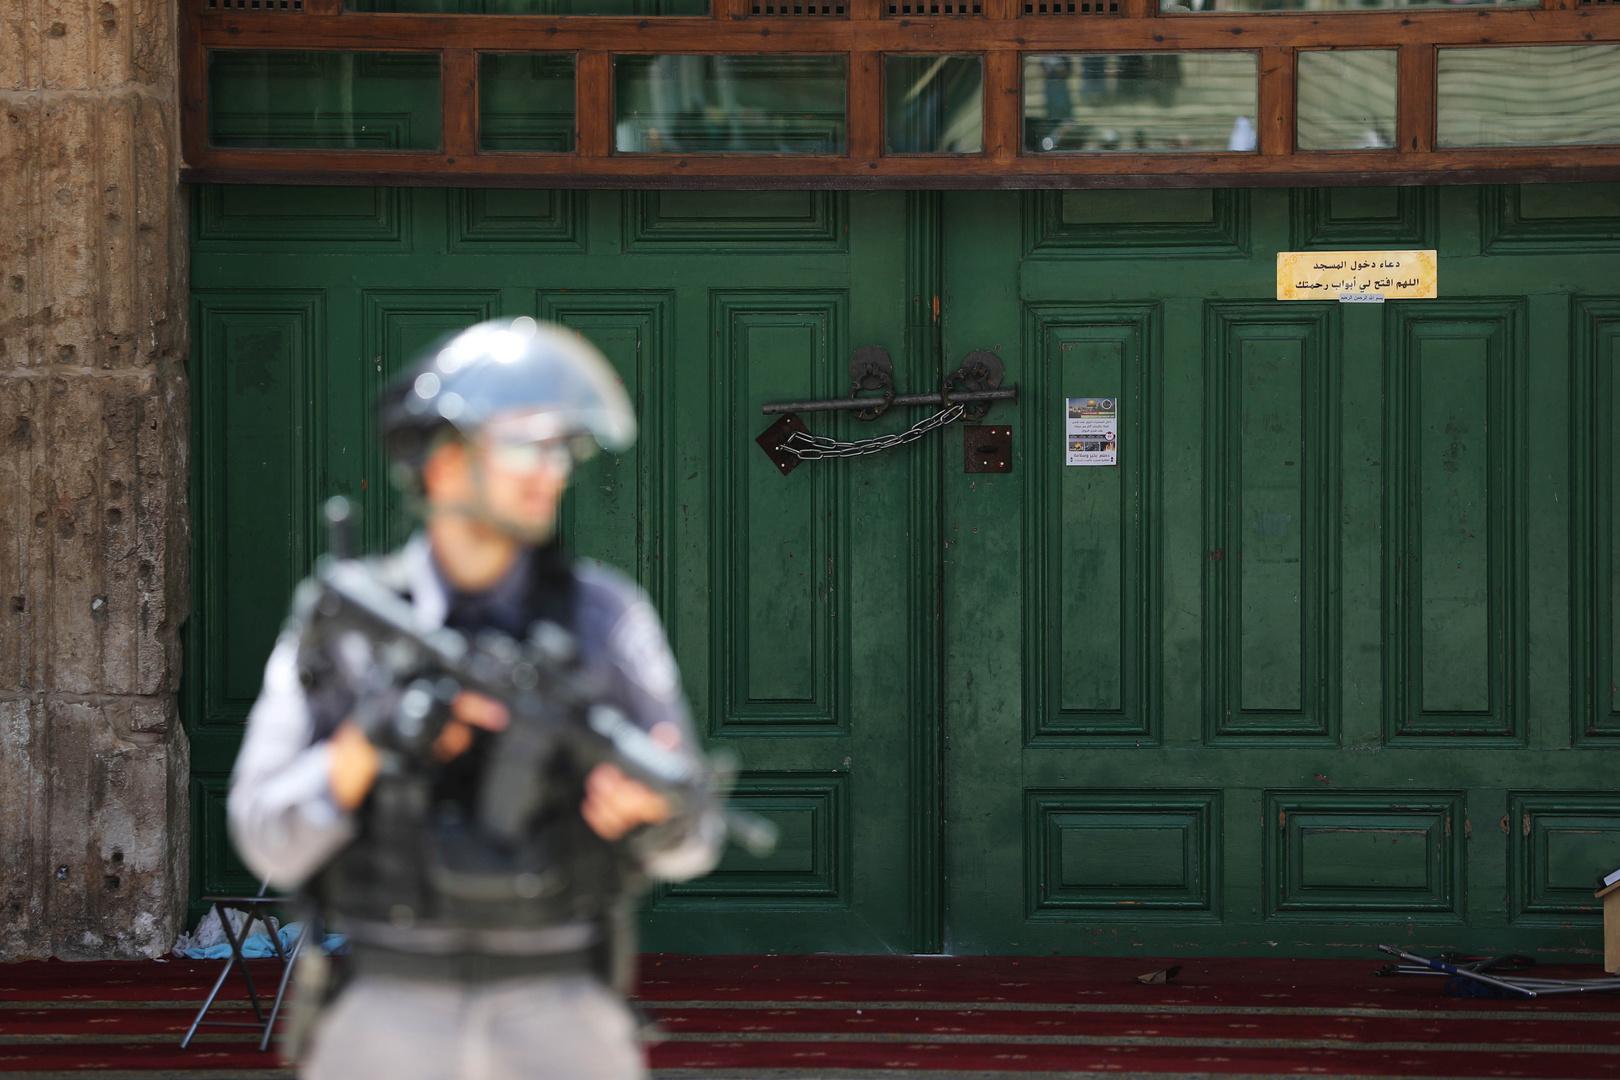 الشرطة الإسرائيلية تمنع الصلاة في الأقصى وتسلم خطيبه قرار إبعاد لمدة أسبوع